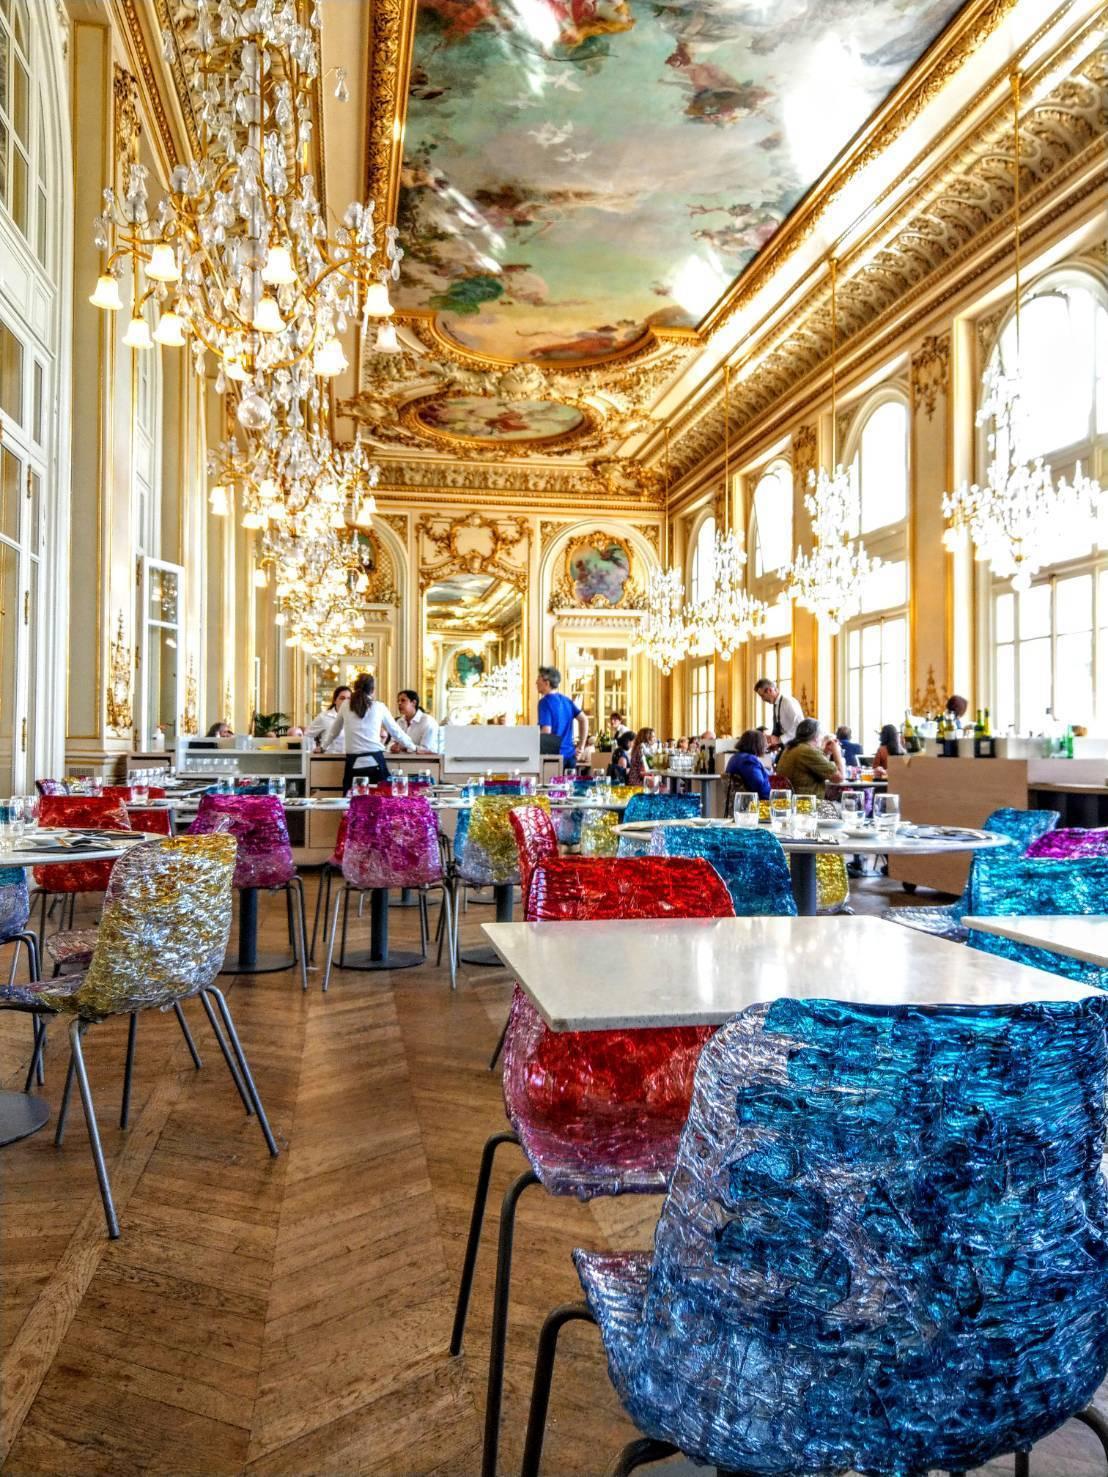 像皇宮的奧賽美術館二樓餐廳,採用紅色藍色的造型玻璃椅,非常吸睛。記者張錦弘/攝影